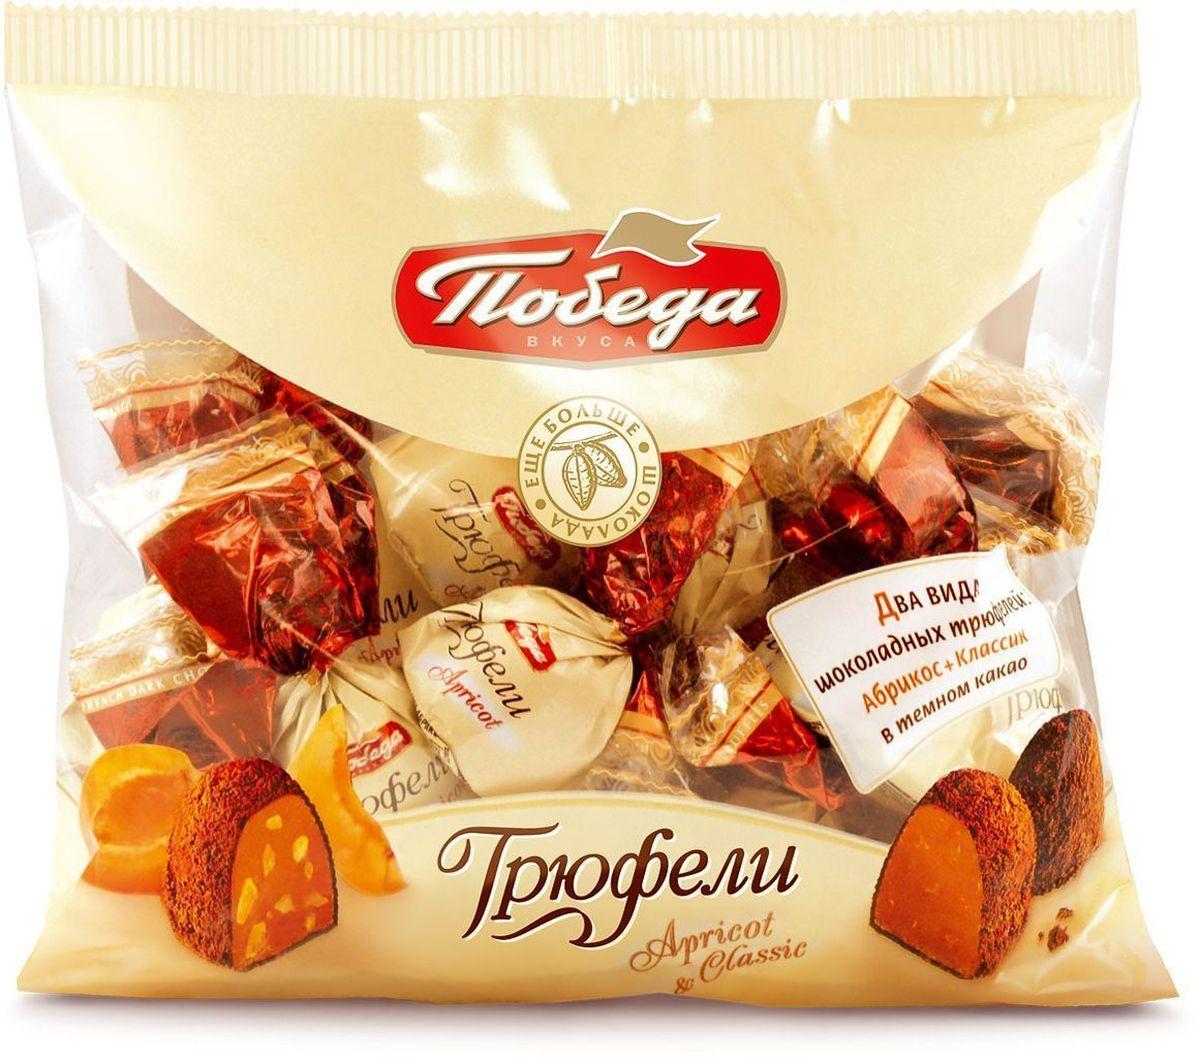 Победа вкуса Трюфели Абрикос и Классик два вида шоколадных трюфелей в темном какао, 200 г550МТрюфели Победа вкуса - два вида мягких трюфельных начинок: классическая шоколадно-сливочная, с кусочками абрикоса. Трюфели Победа вкуса, посыпанные ароматным темным какао - совершенное наслаждение для любителей шоколада.